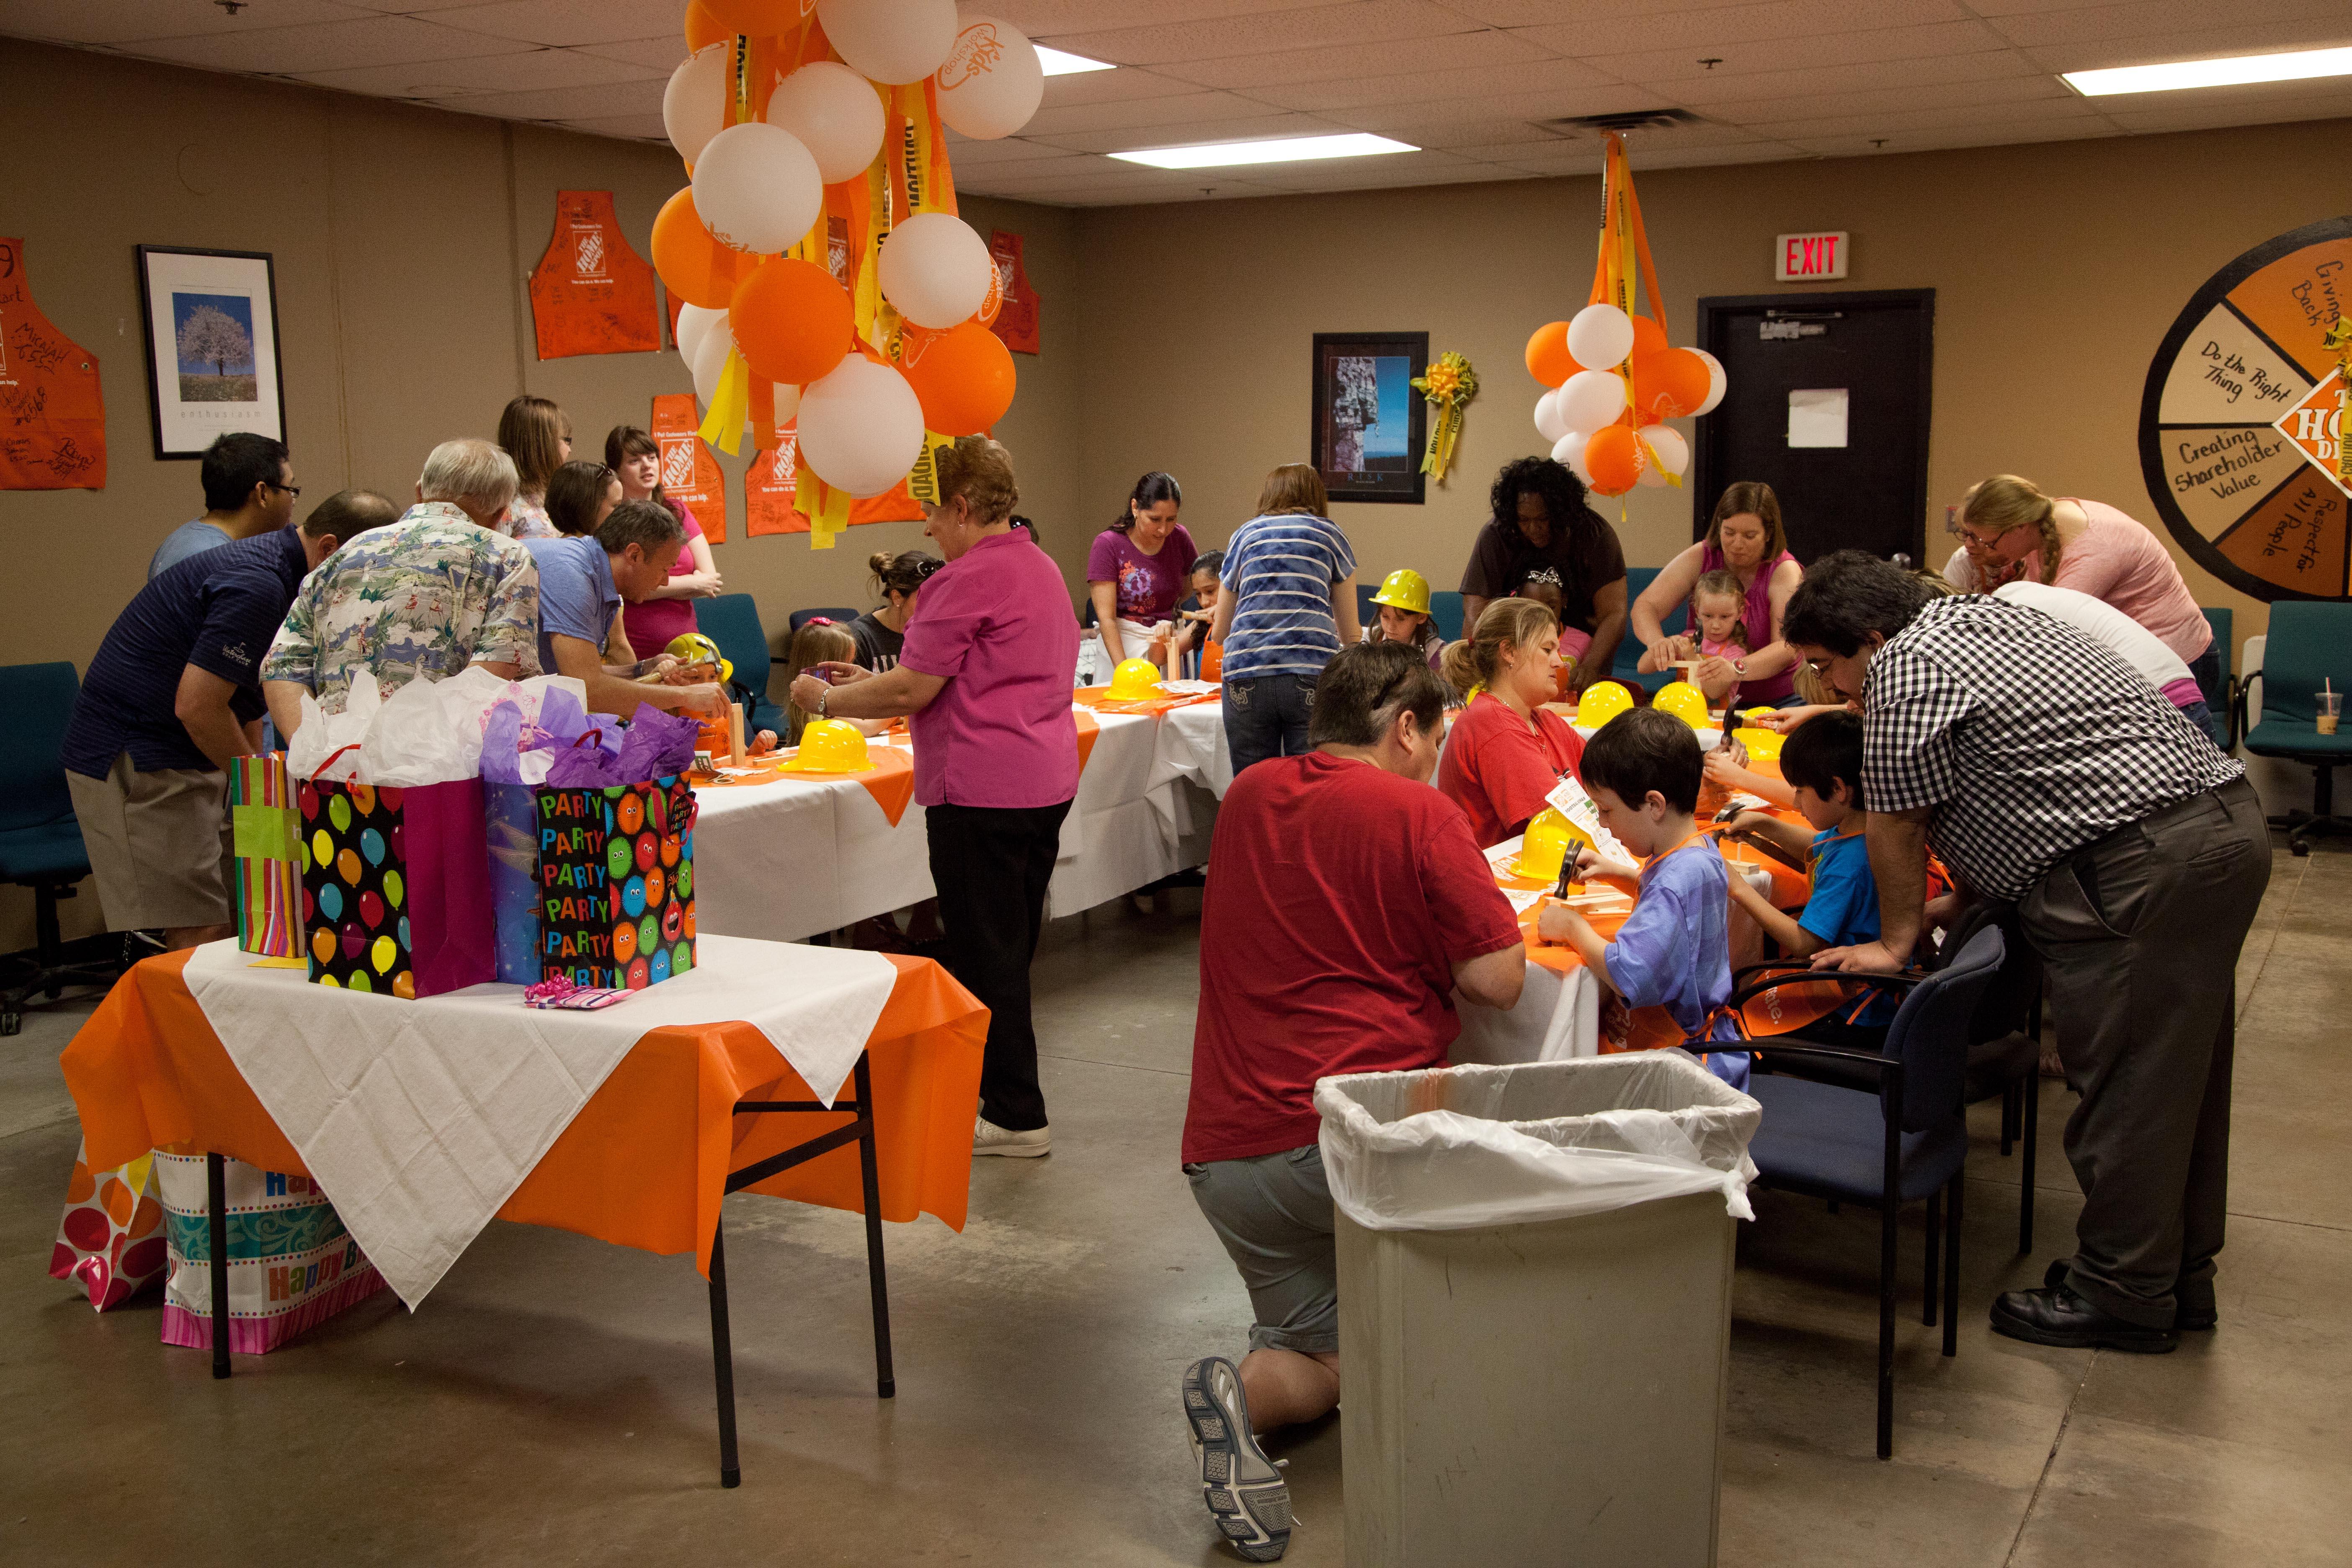 Home Depot Kids Workshop Party